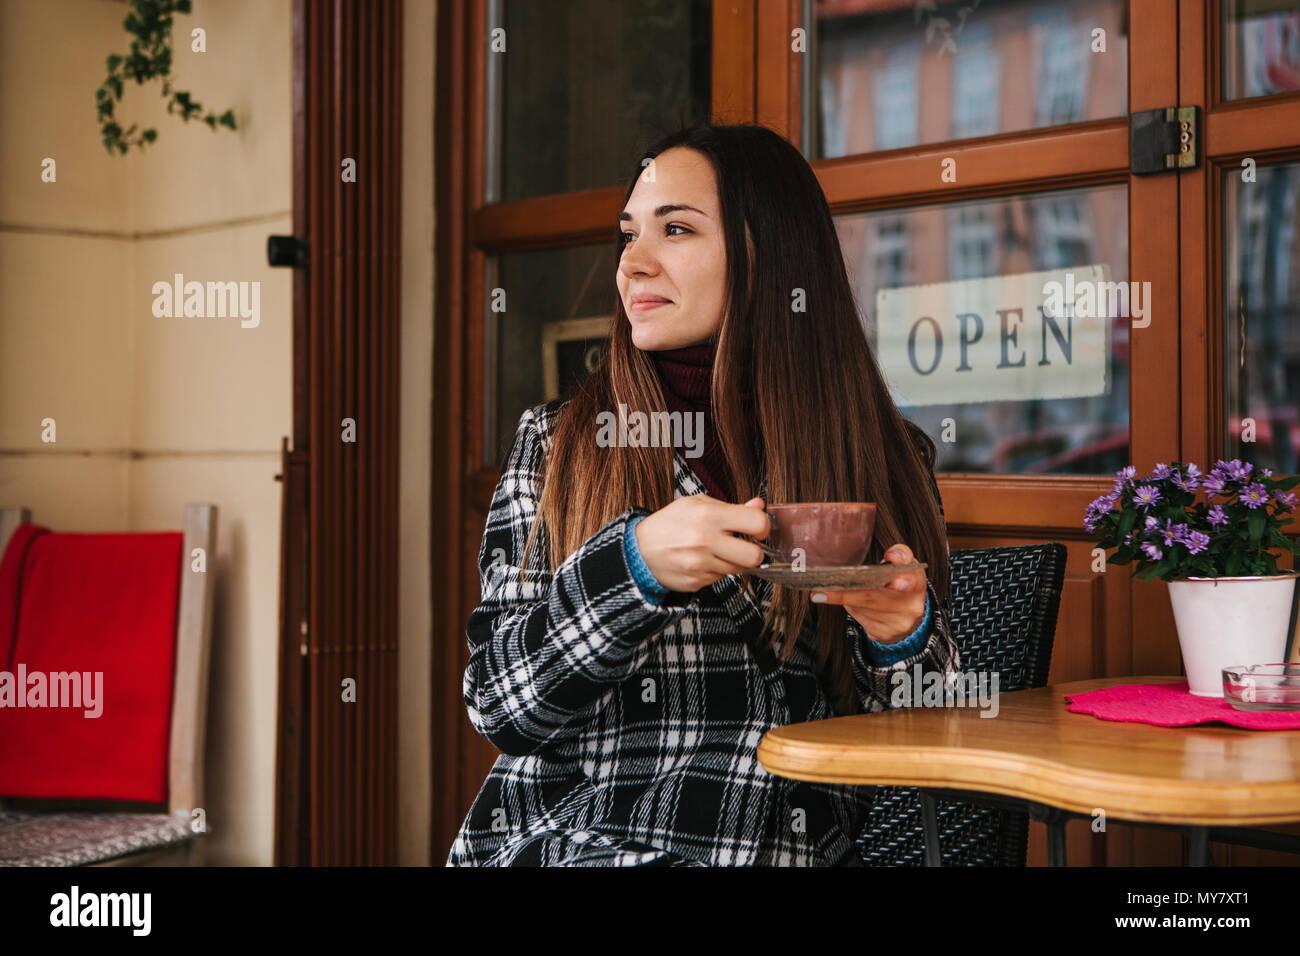 Giovane bella ragazza beve caffè o cioccolata calda in una street cafe Immagini Stock